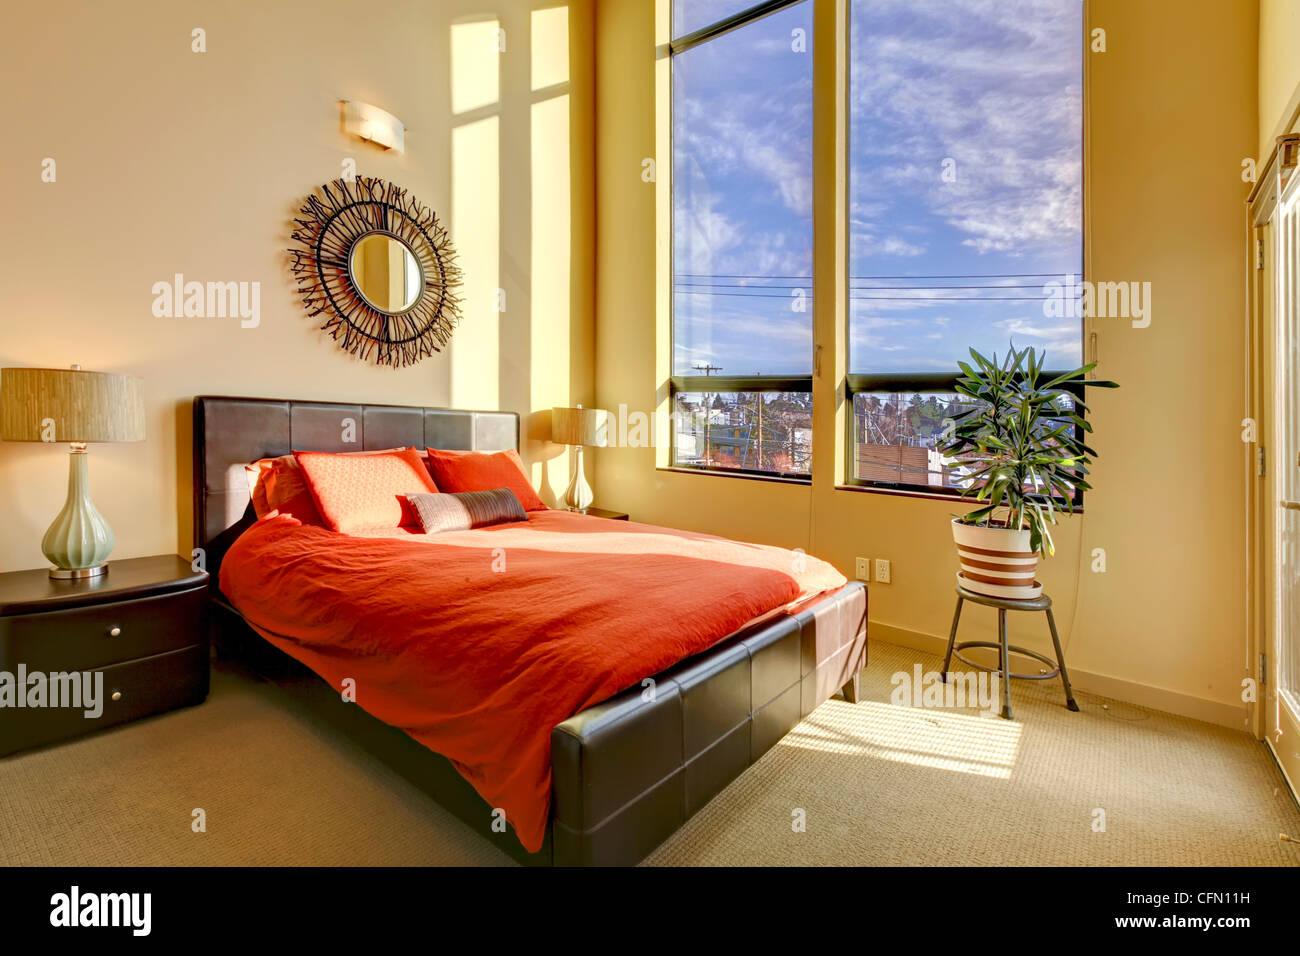 Pareti Camera Da Letto Rossa : Grande alto soffitto camera da letto con letto rosso e pareti di